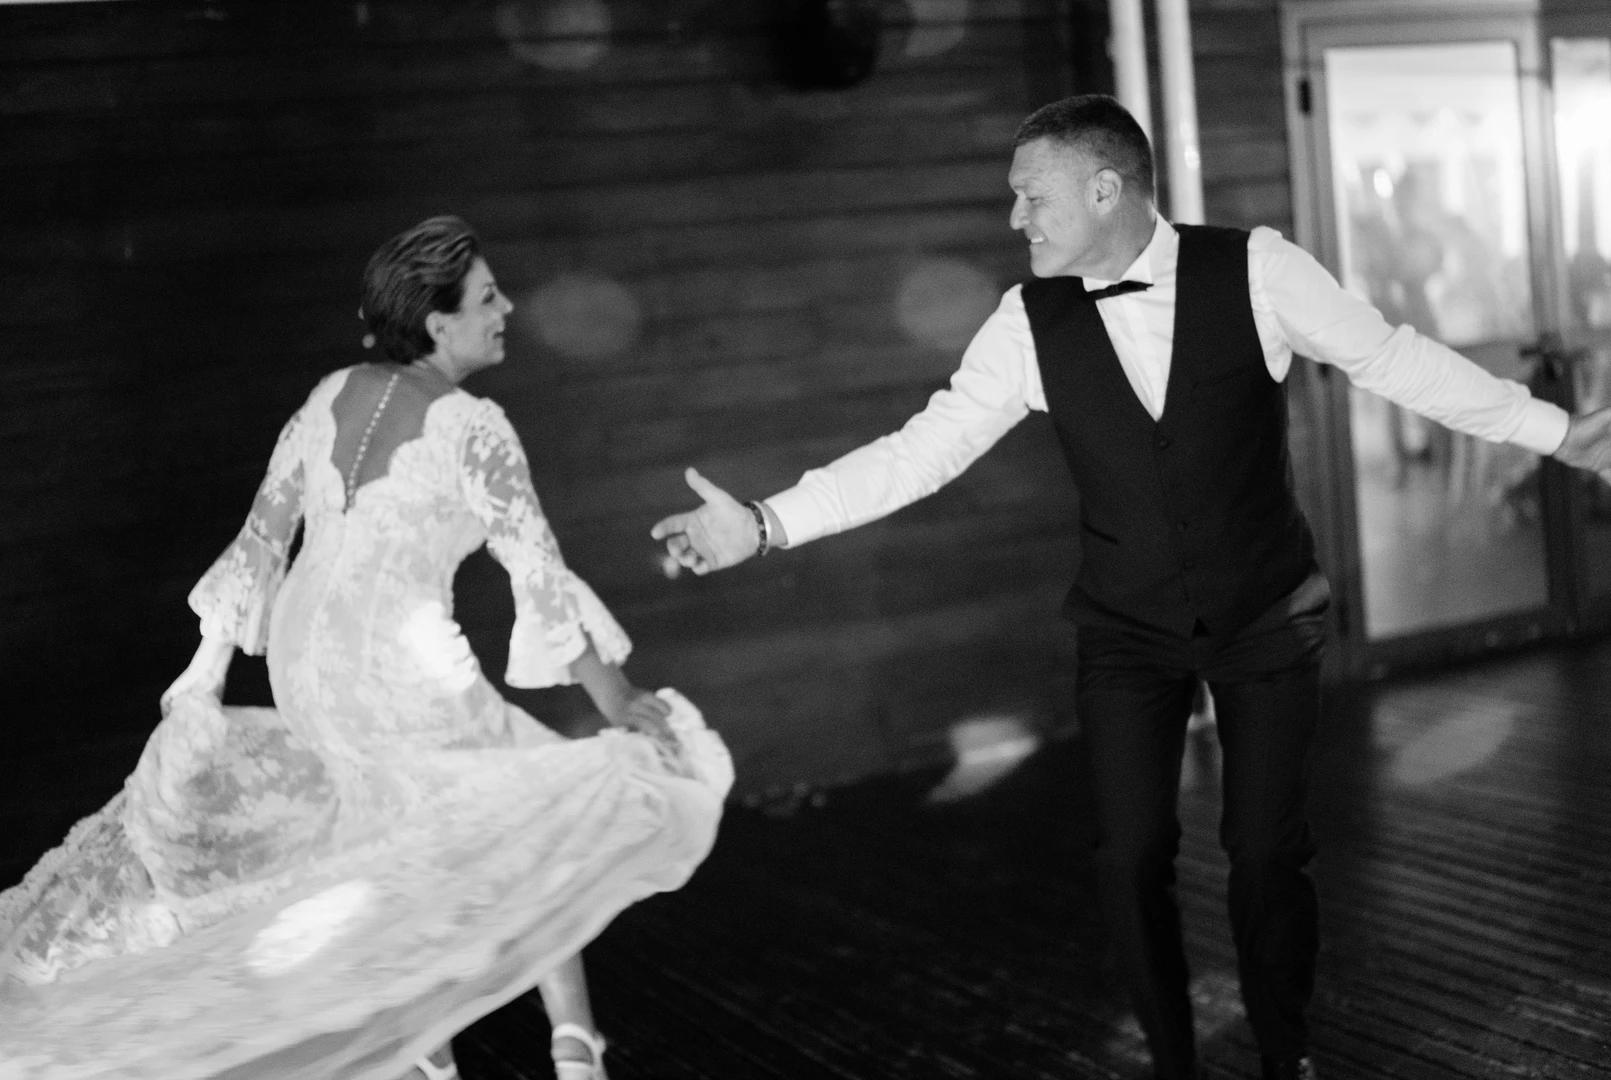 MRevenement organisation de mariage à la Réunion _ Mariage de B et JC (26).jpg